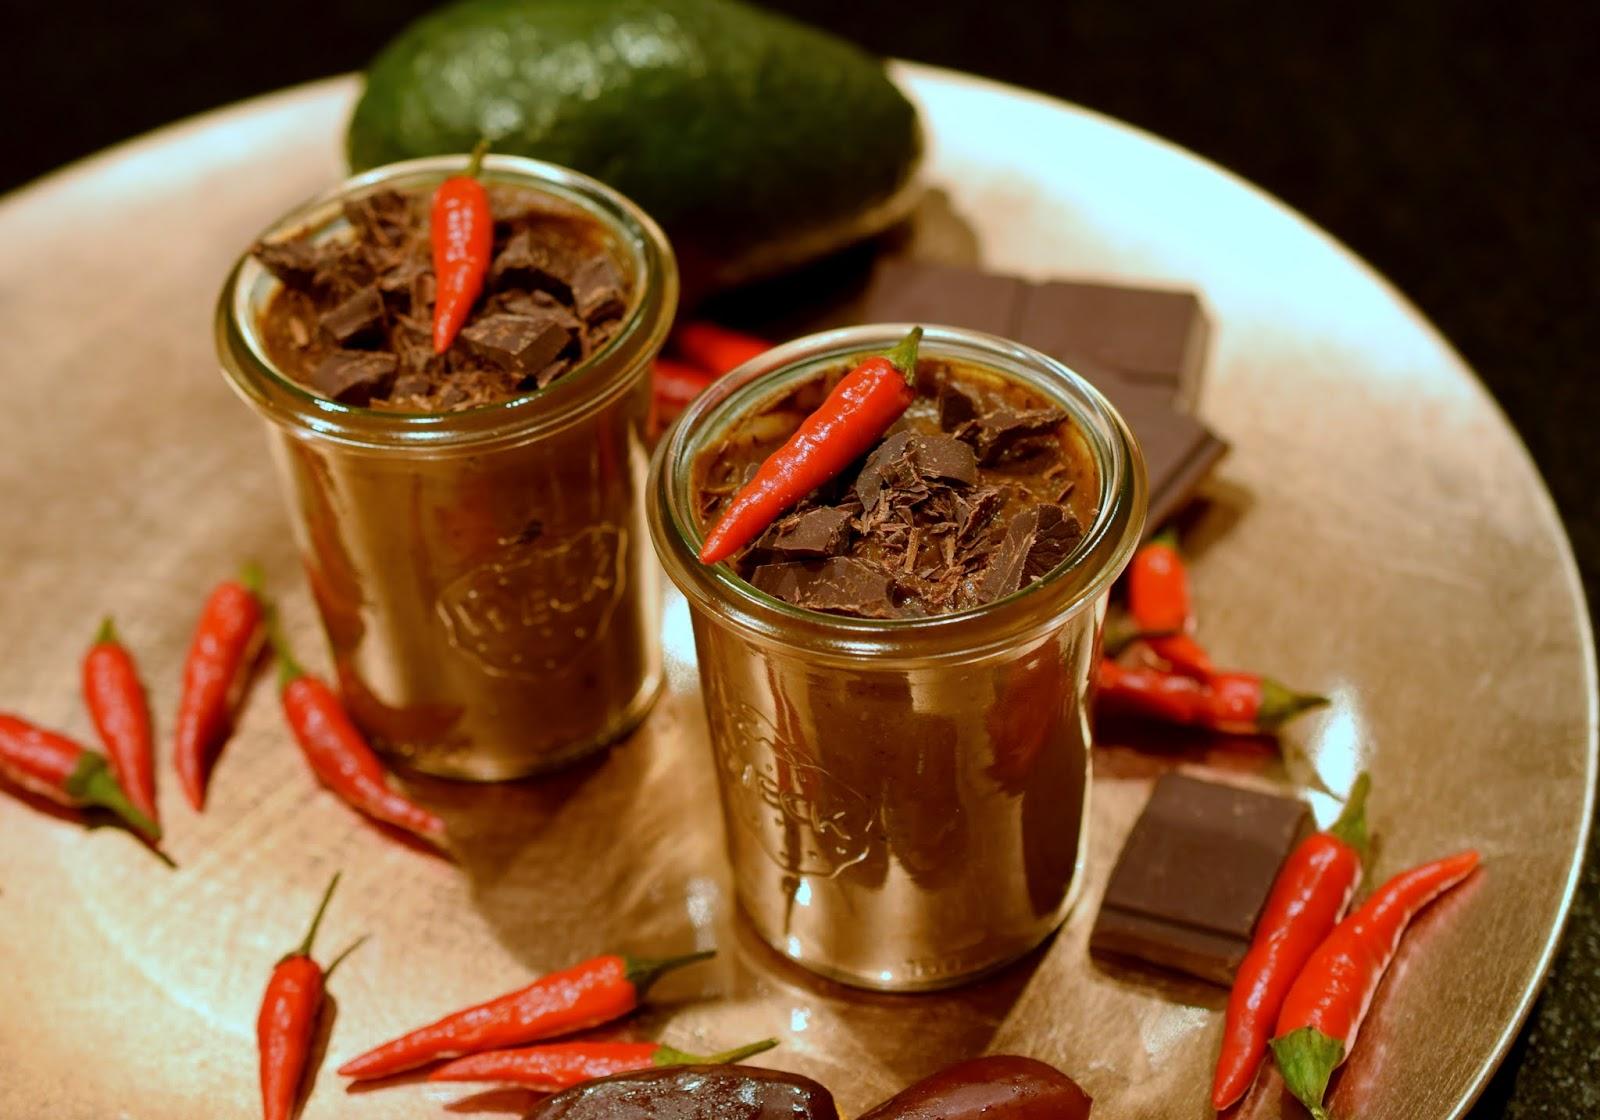 Schnelles einfaches Rezept Healthy Chili-Mousse-au-Chocolat